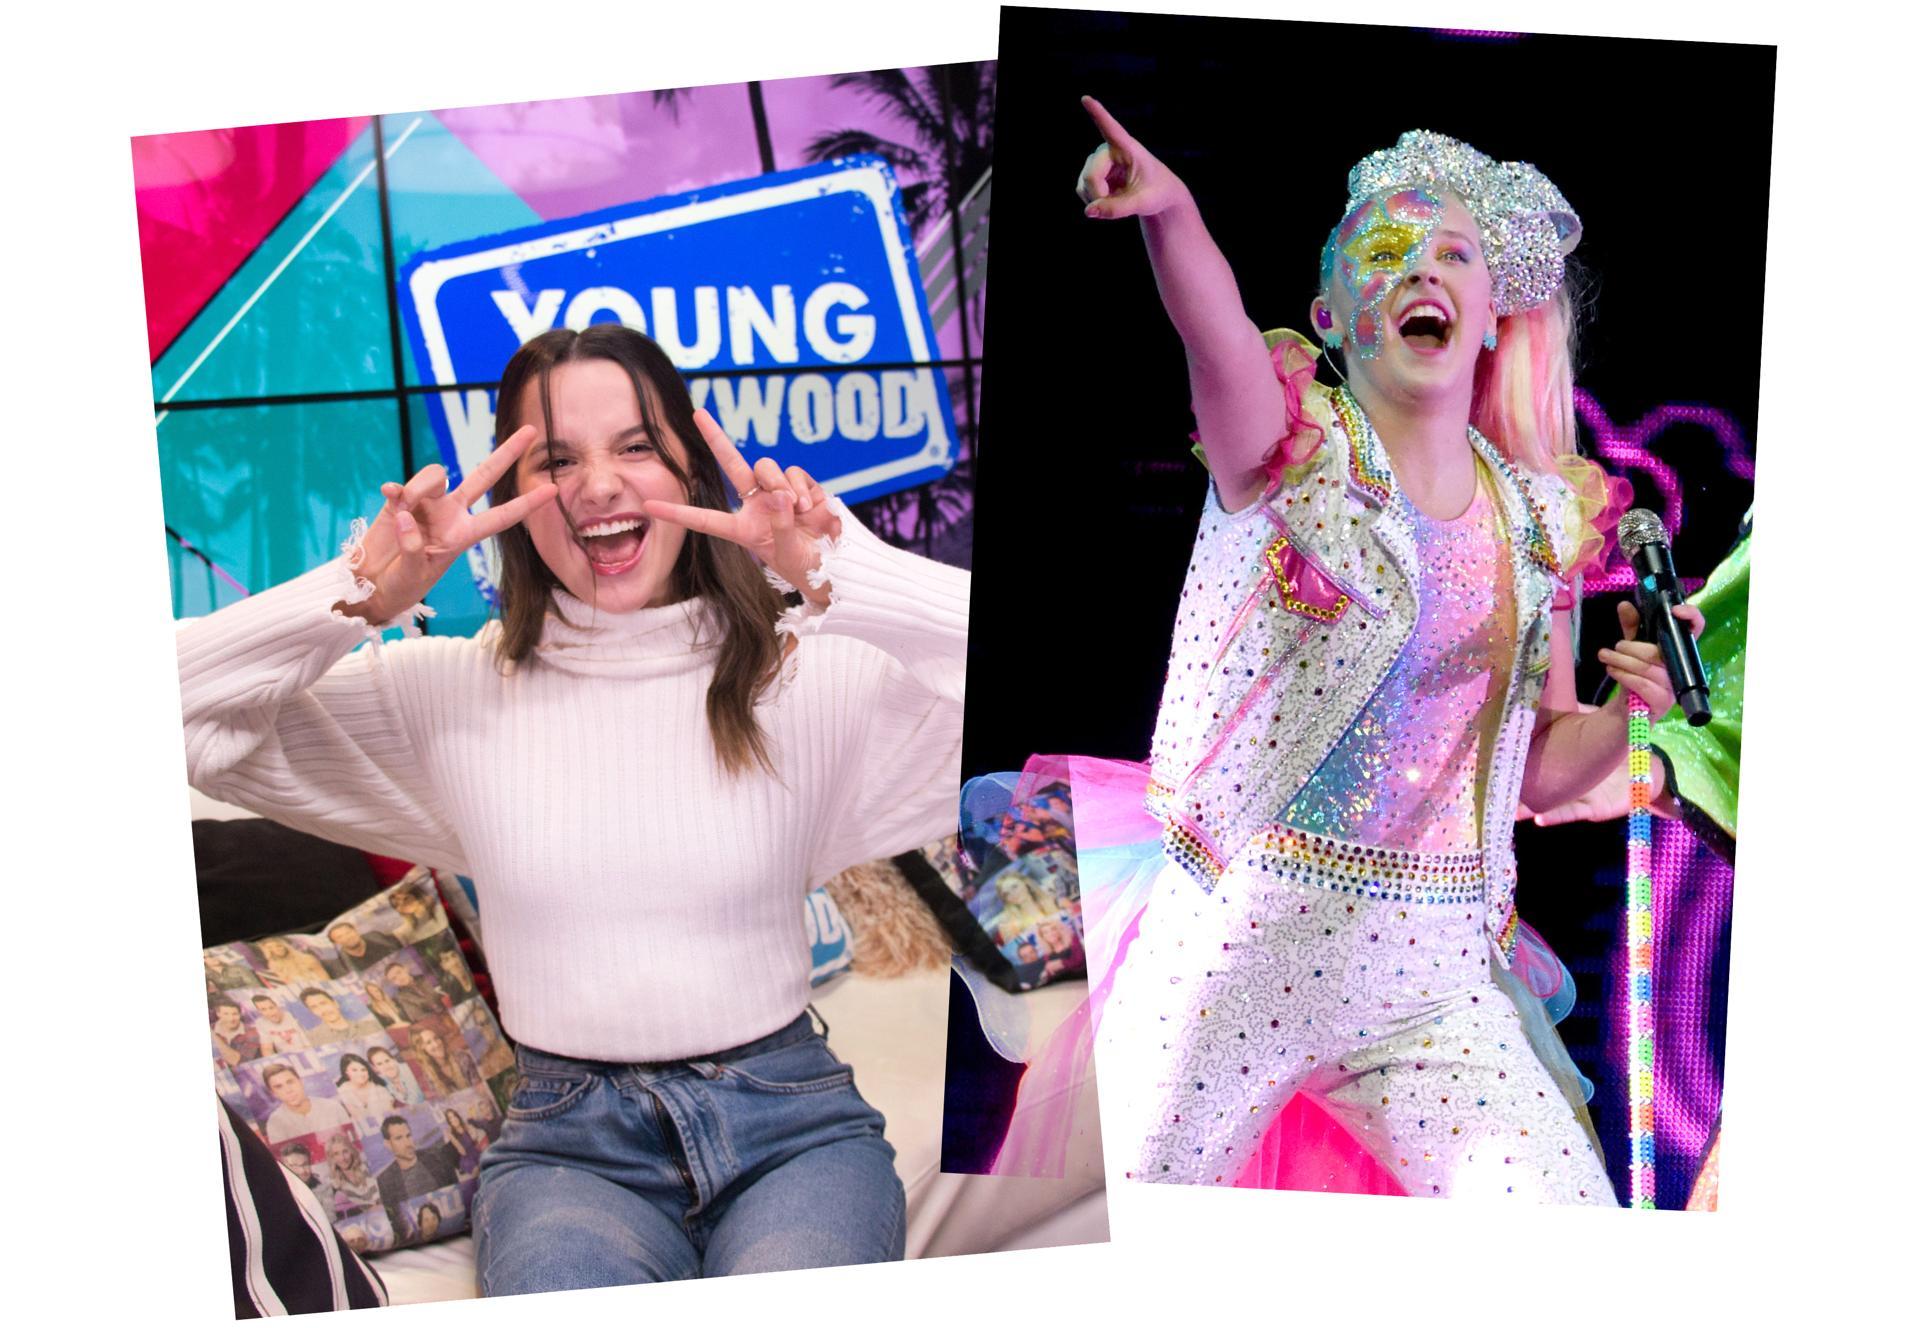 Nickelodeon Annie LeBlanc, YouTube series Chicken Girls, and Dance Moms' JoJo Siwa,